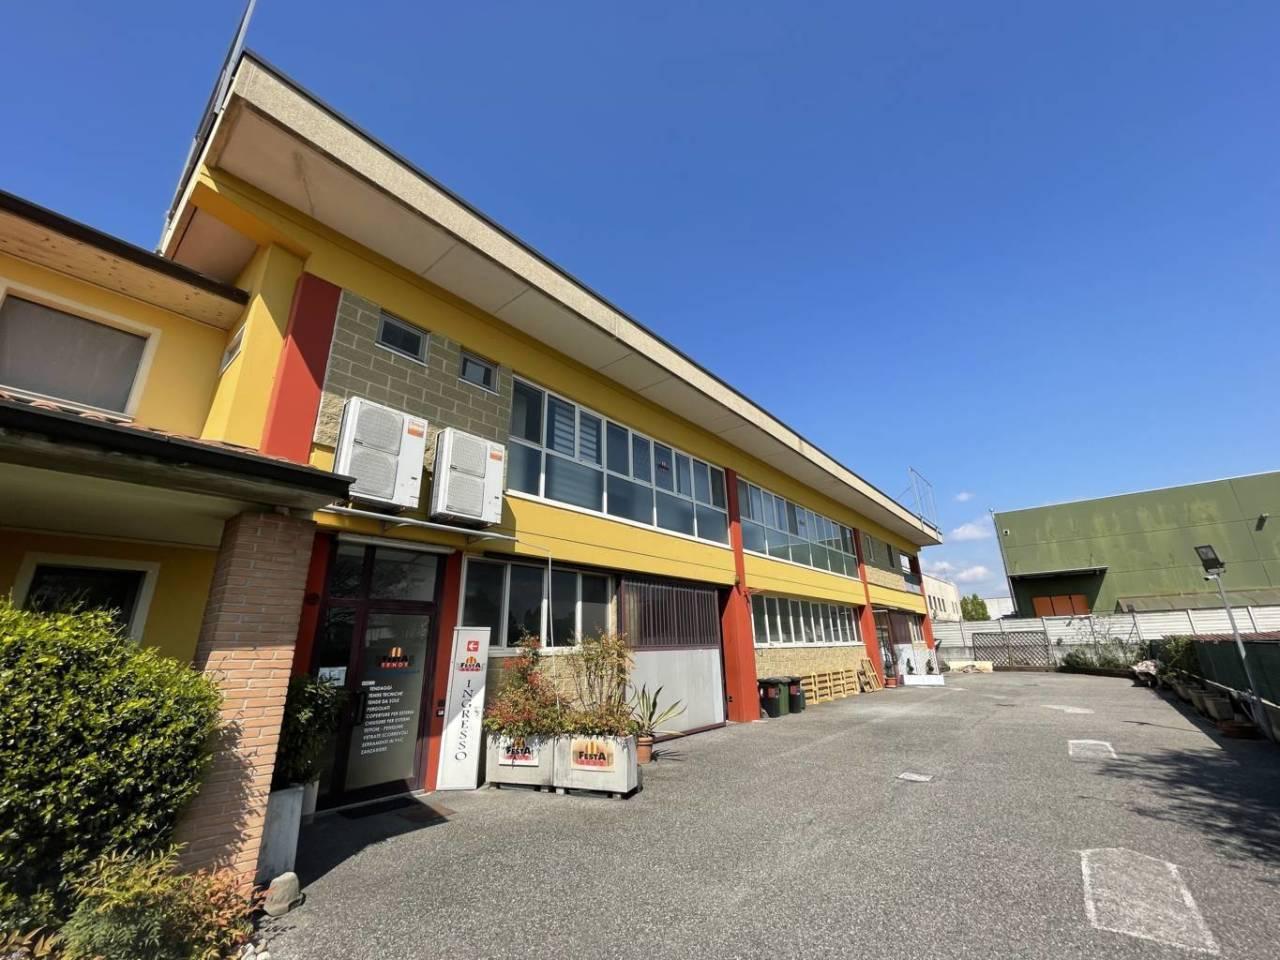 Capannone in vendita a Chiari, 9999 locali, prezzo € 600.000 | CambioCasa.it